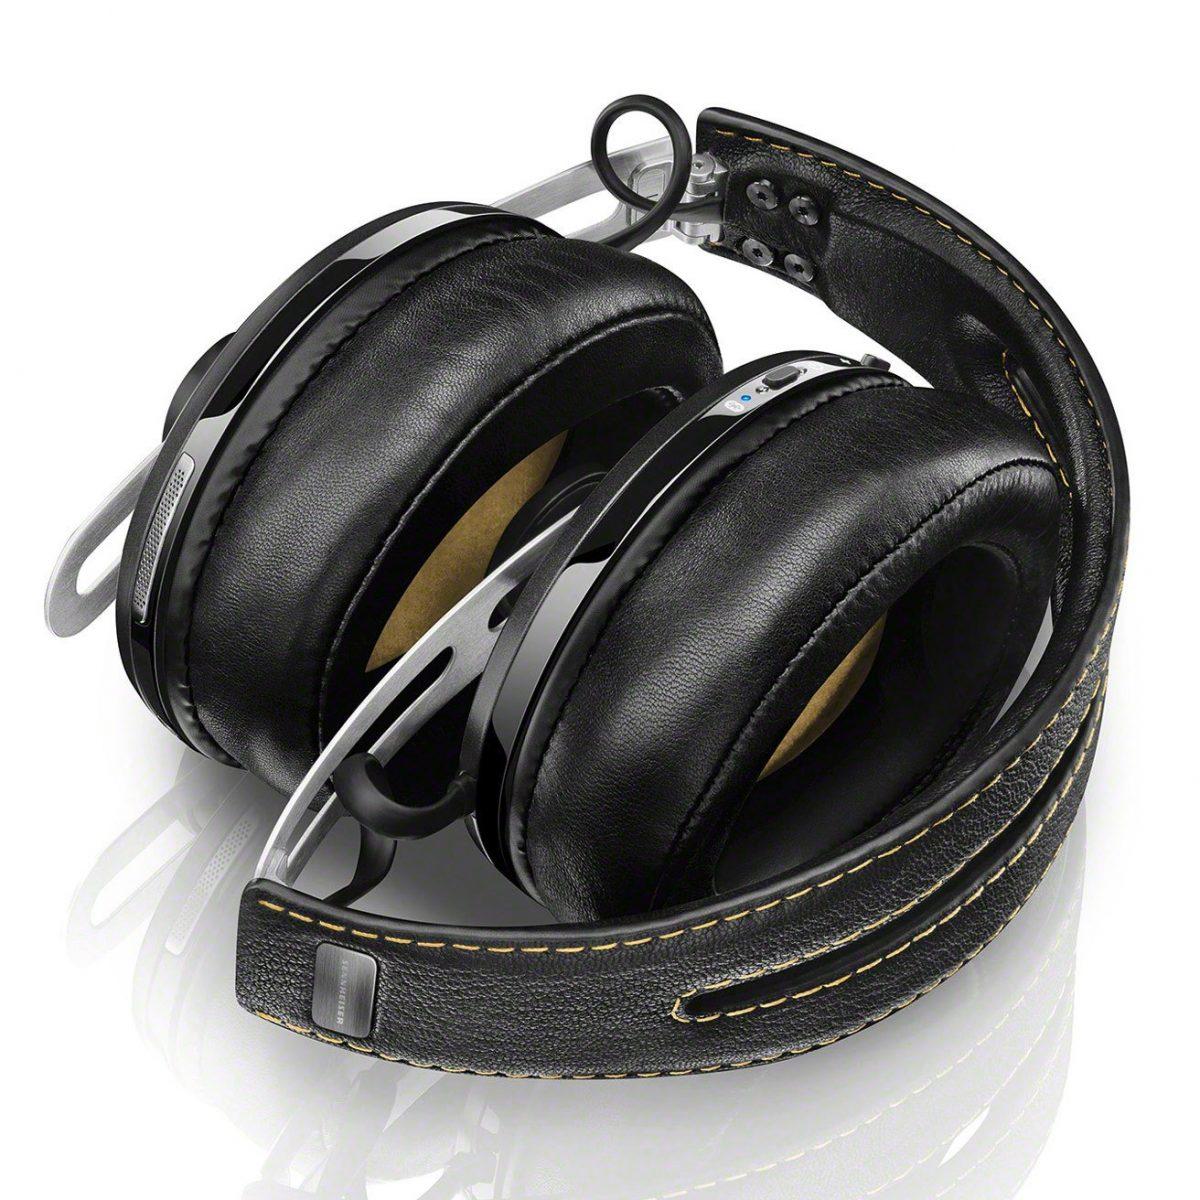 Sennheiser hd-1 earbuds - google phone earbuds